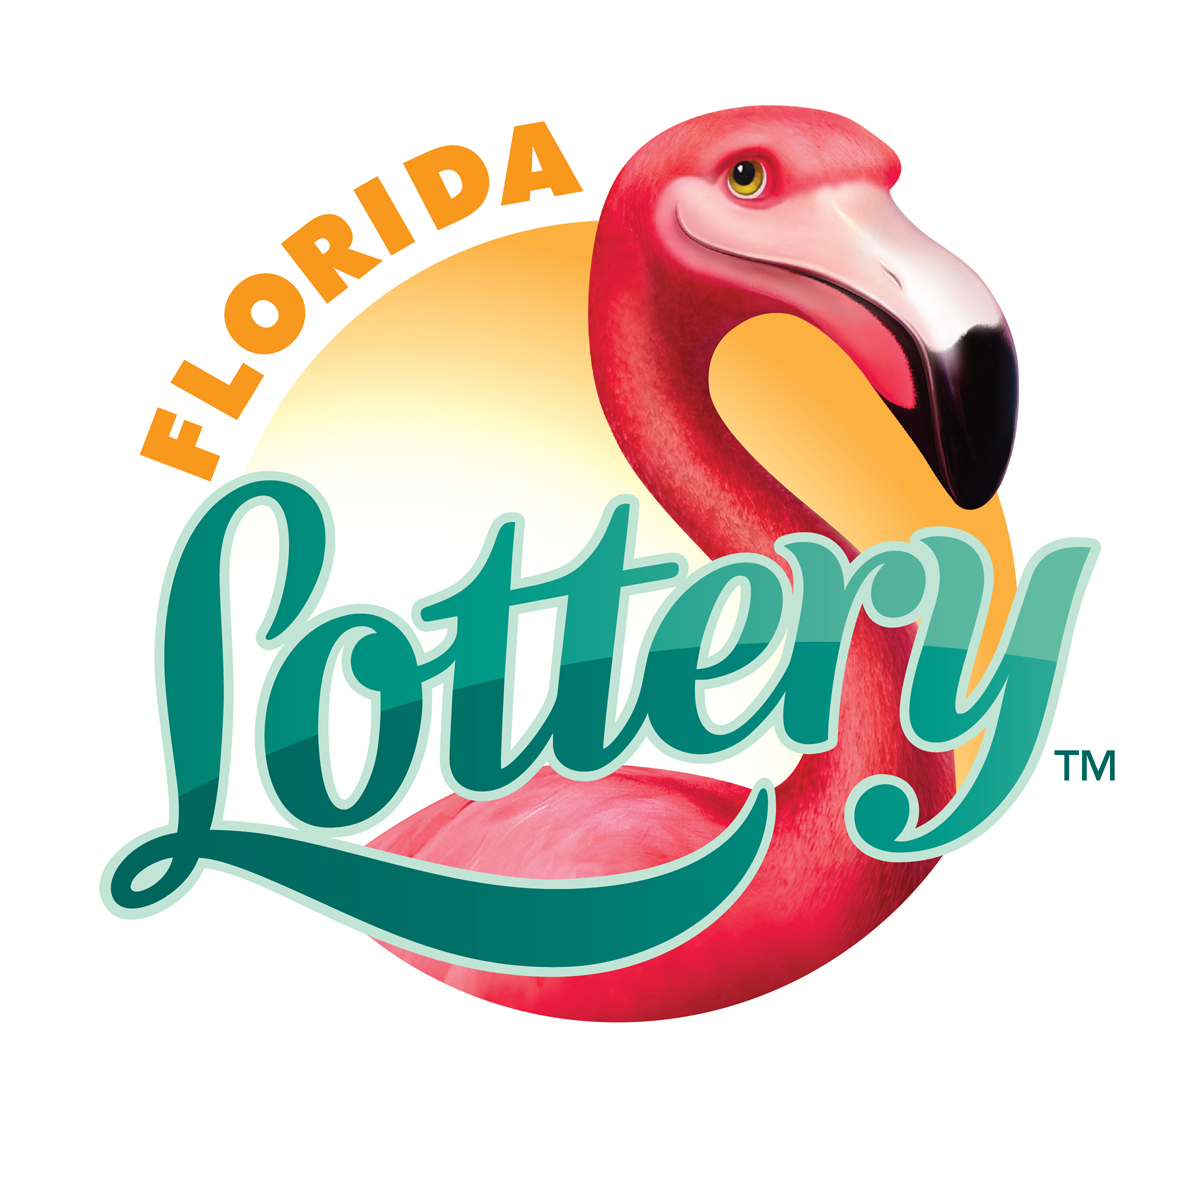 5 Lotto